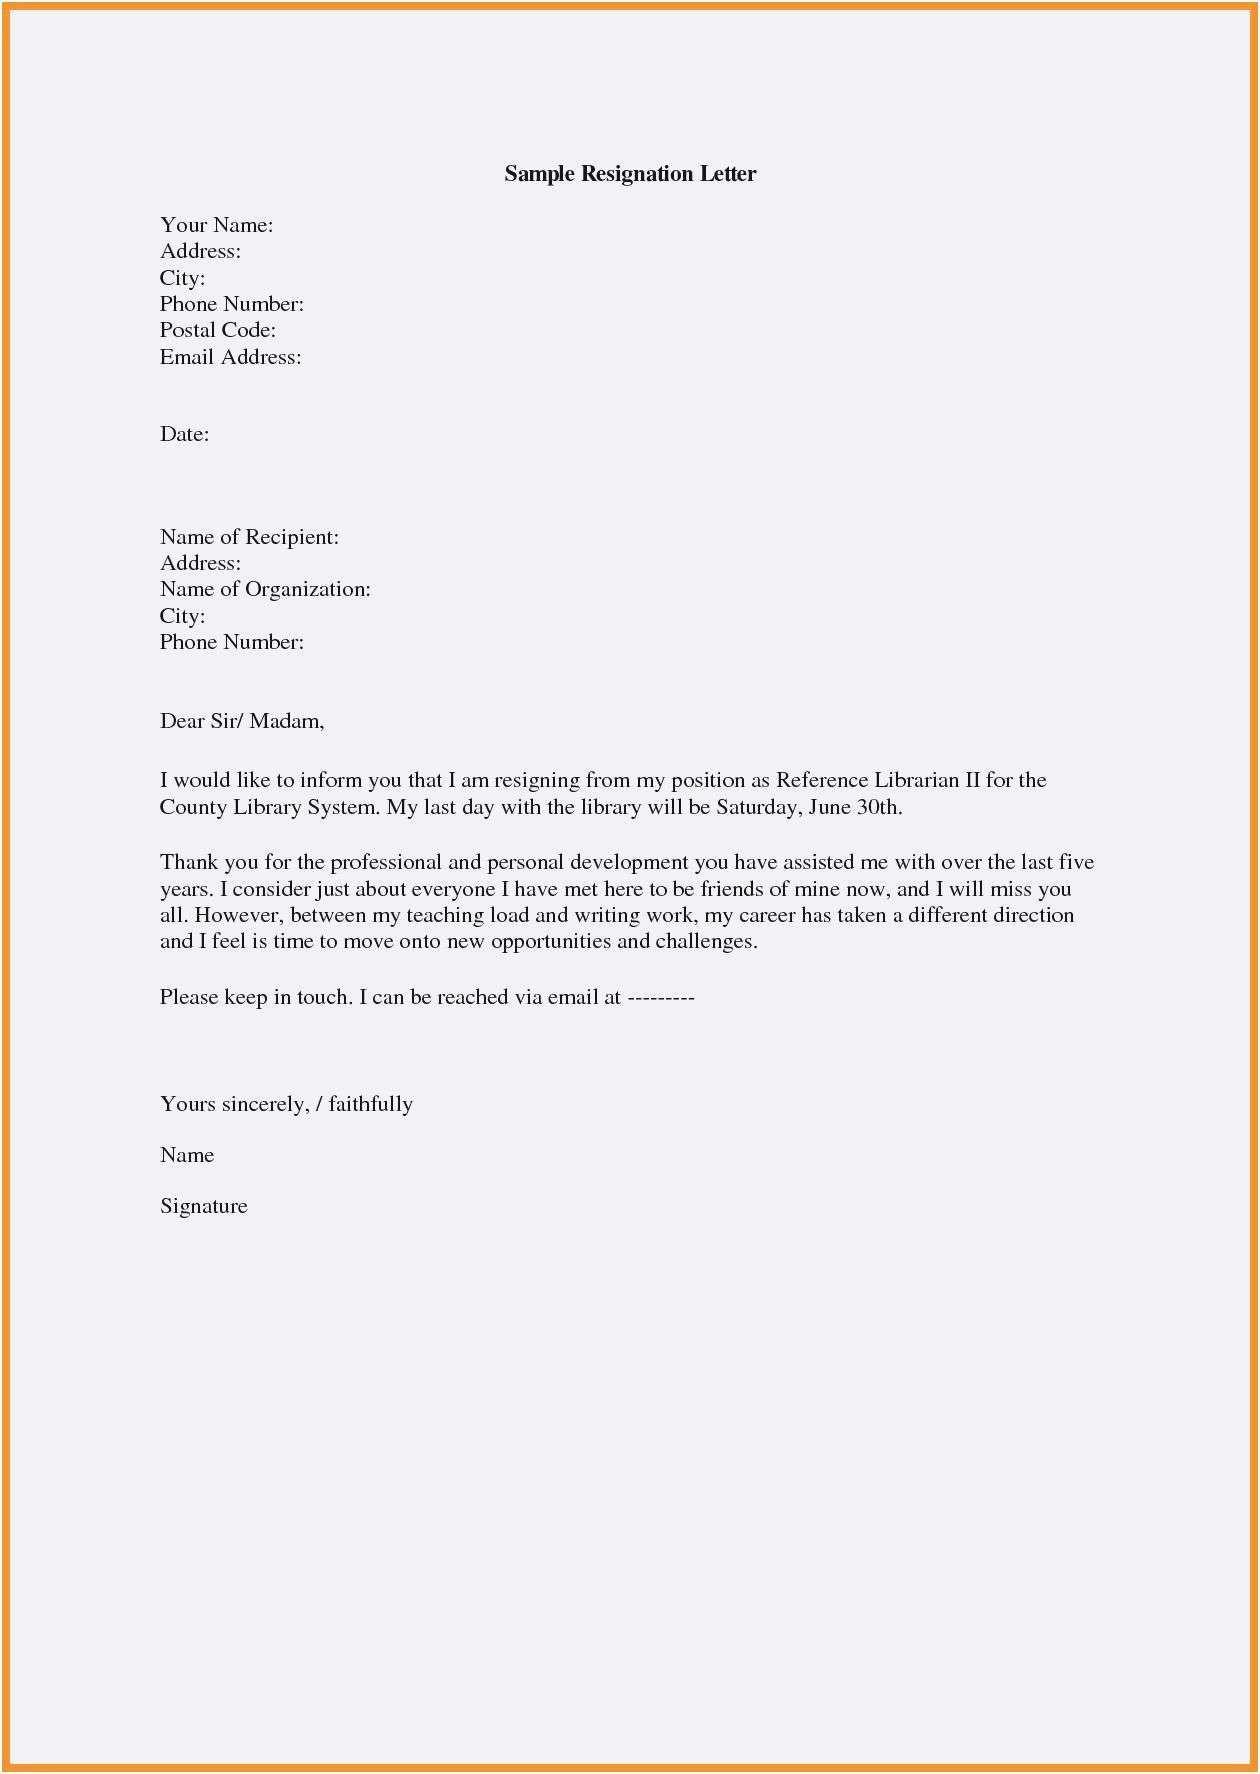 Window Color Malvorlagen Weihnachten Kostenlos Genial Newsletter Vorlage Design Von Window Color Malvorlagen Weihnachten Sammlung